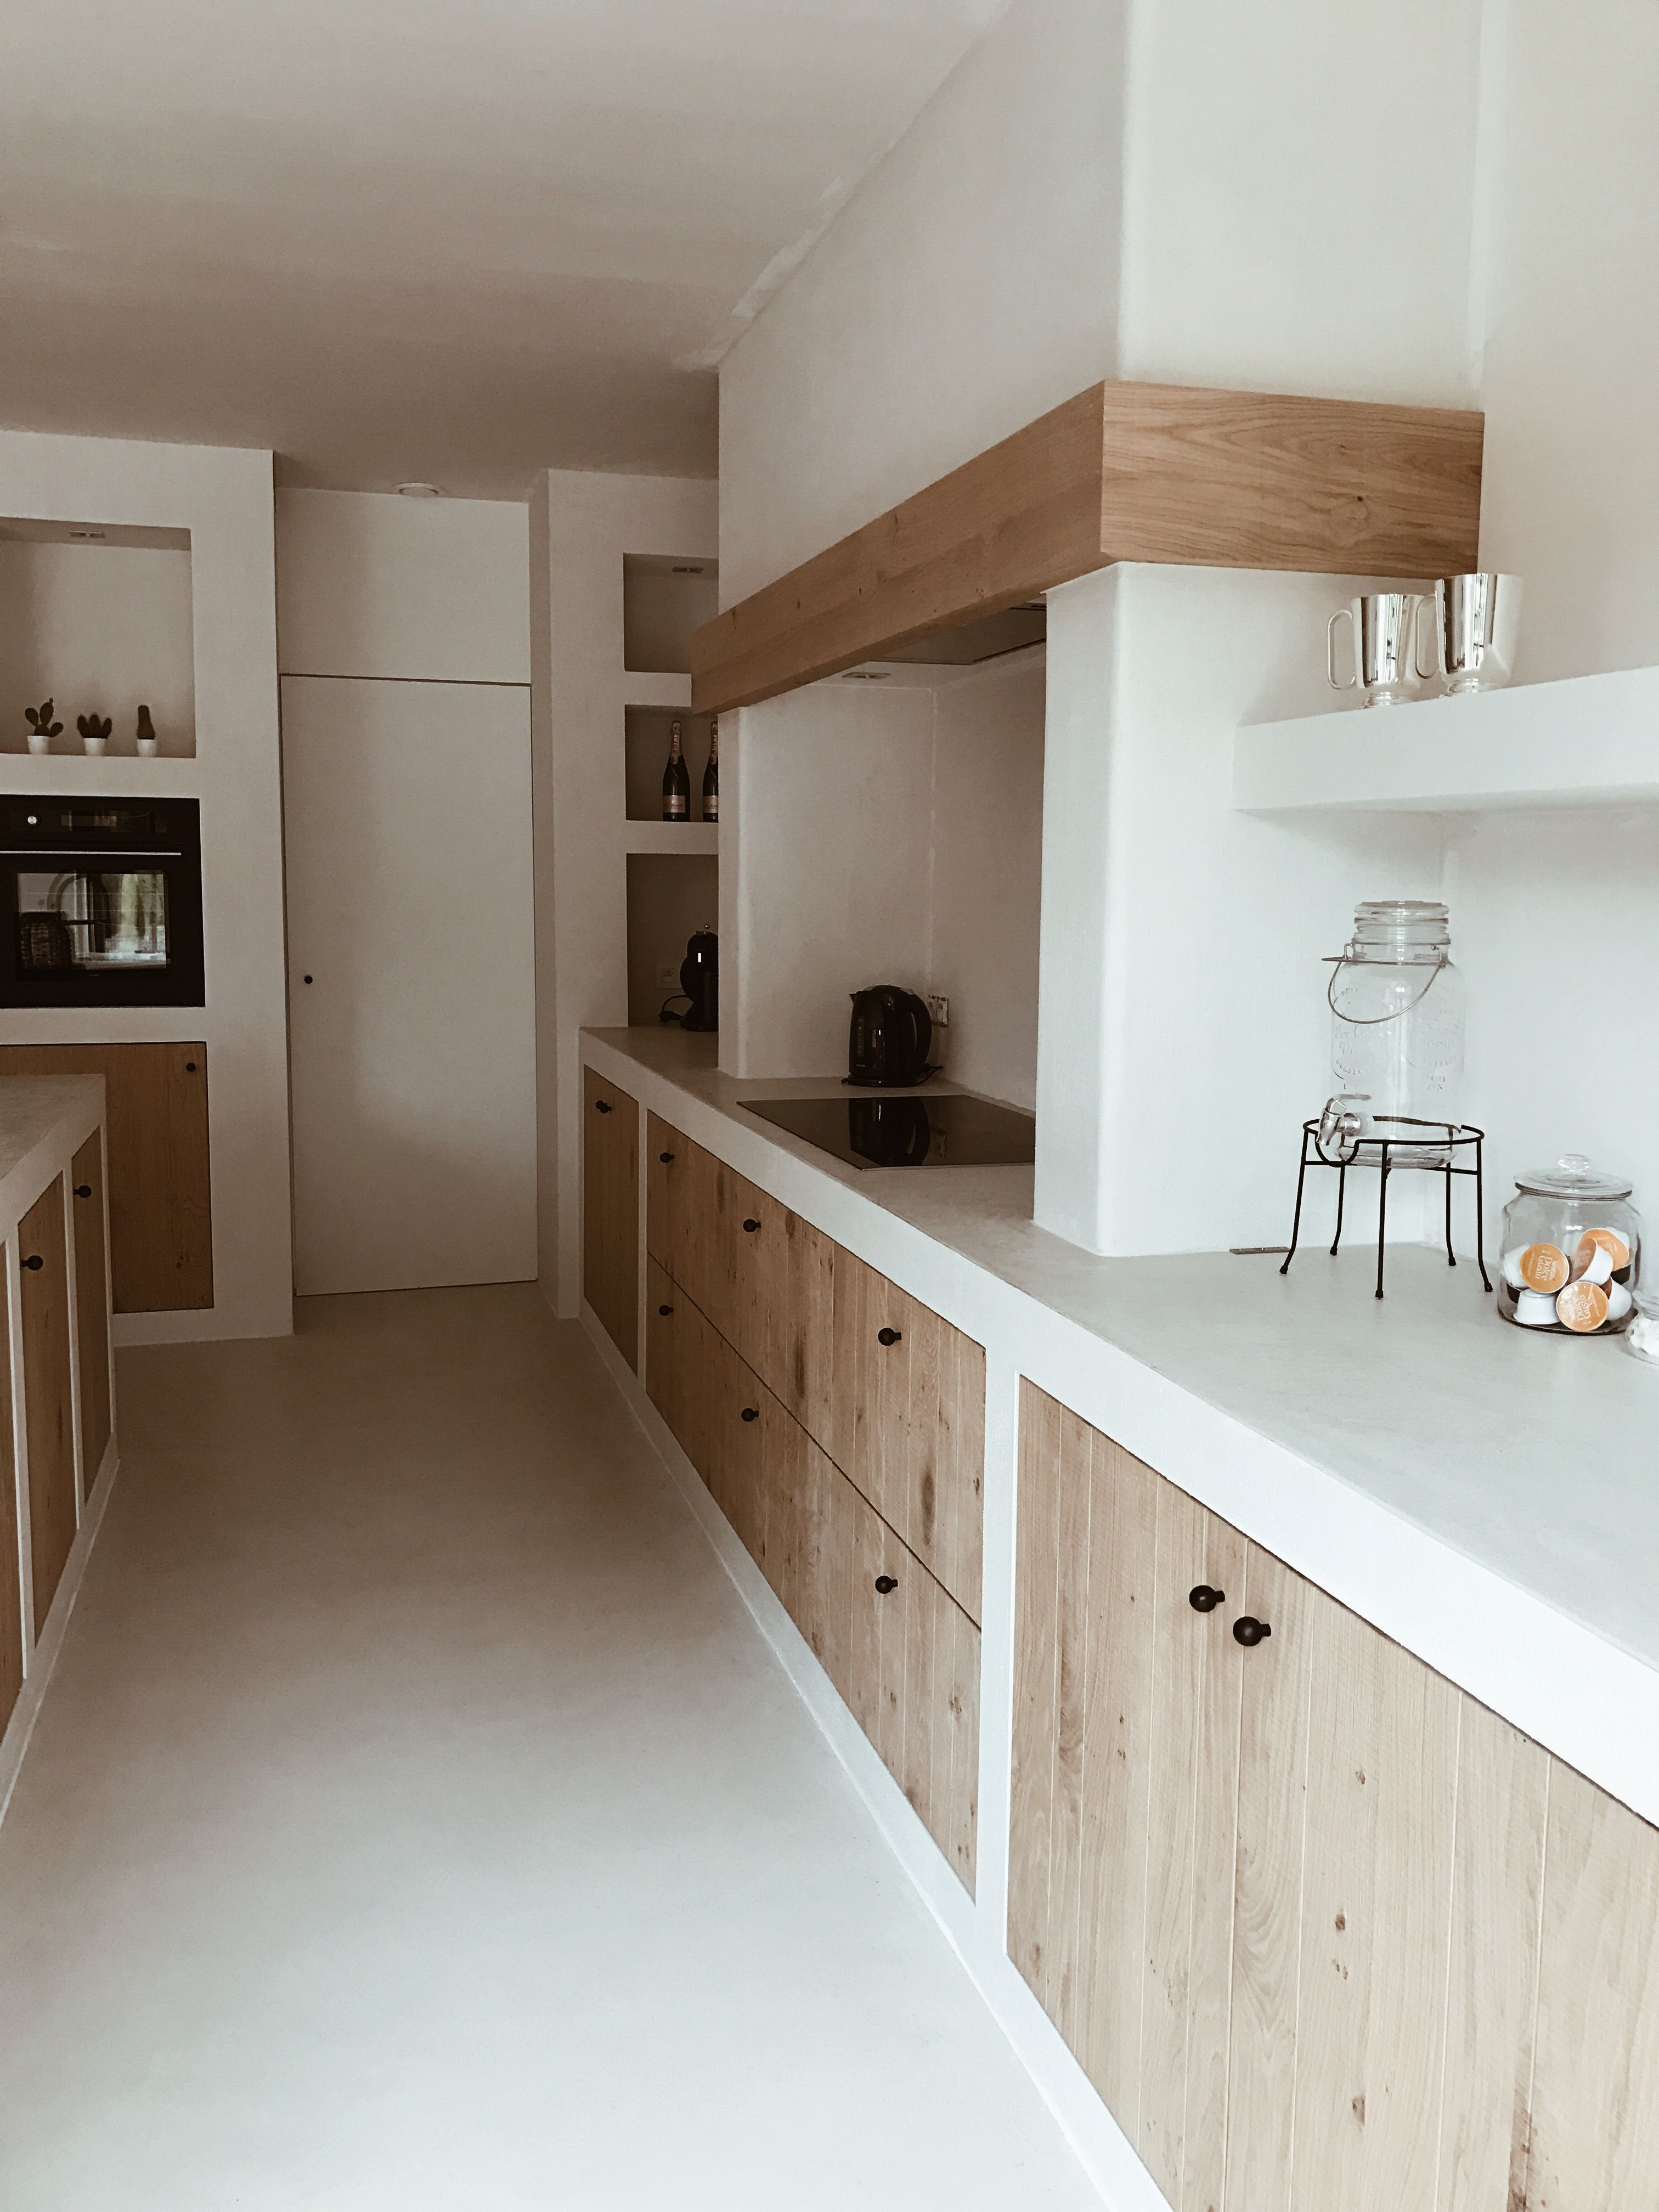 Epingle Par Silvia Santos Sur Koupelna Amenagement Maison Maison D Ete Cuisines Maison